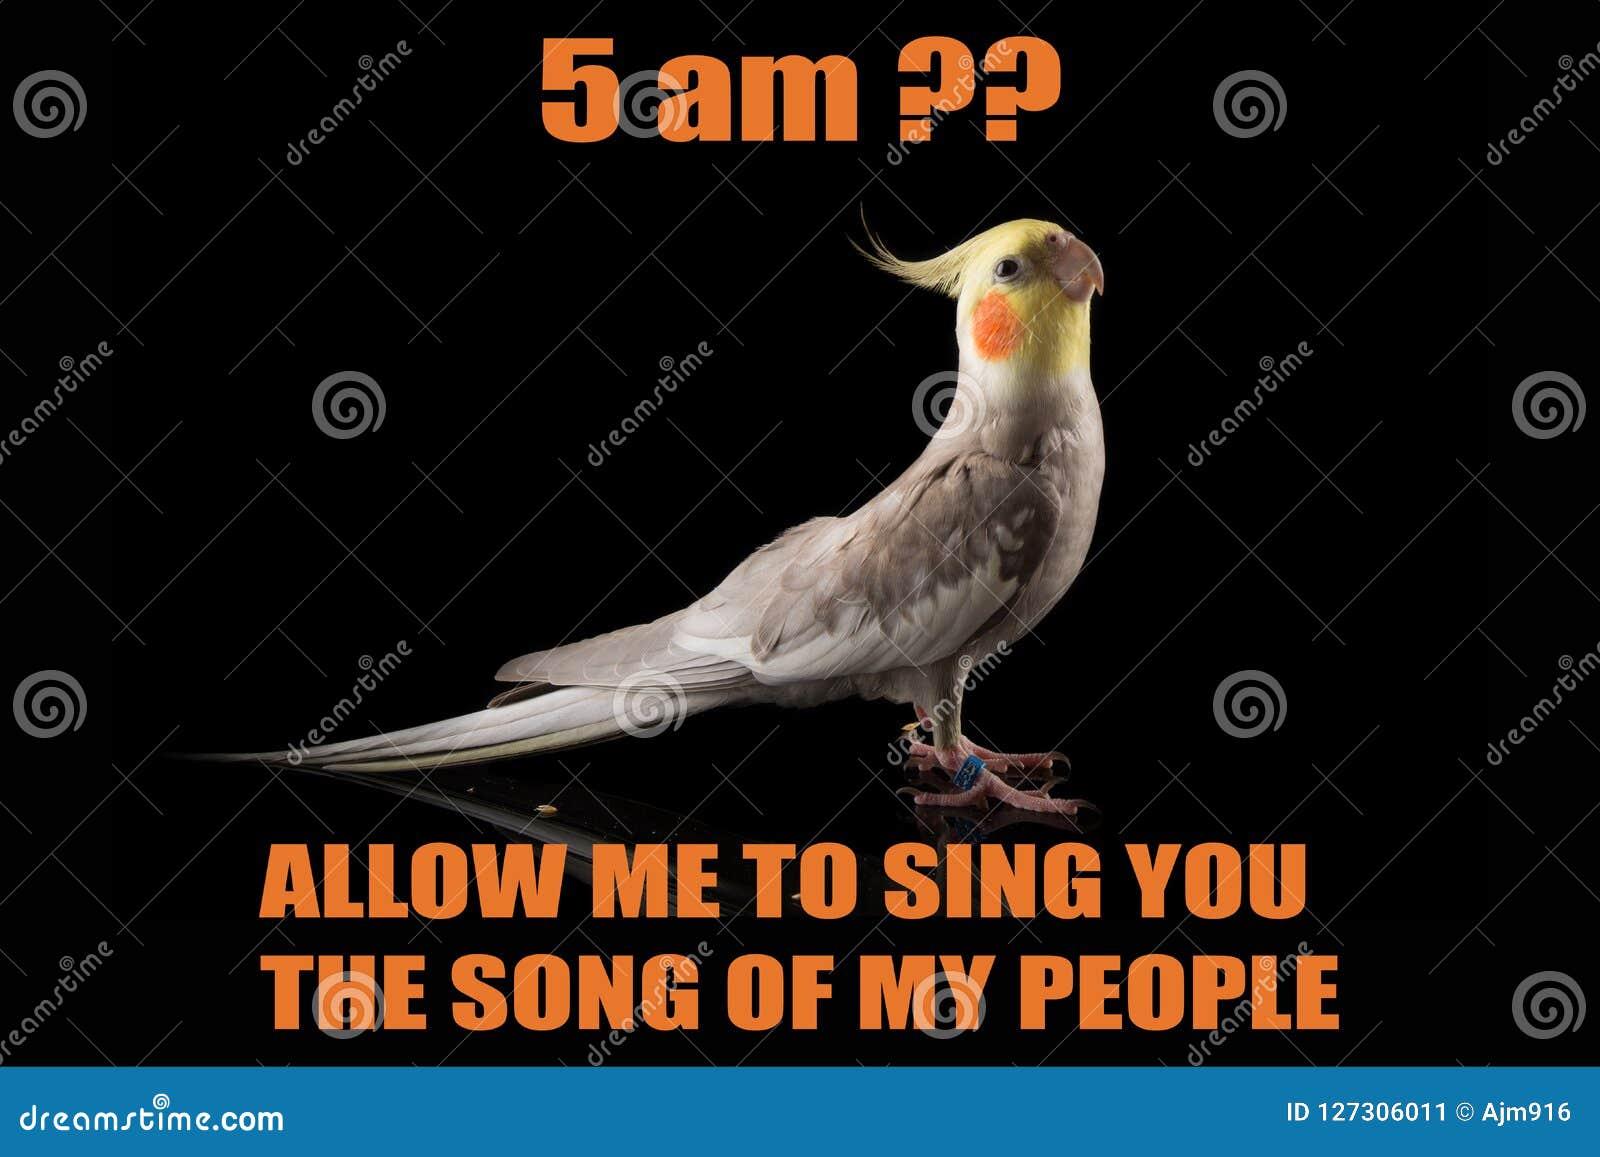 Funny Parrot Meme Cockatiel Portrait 5 Am Let Me Sing You The